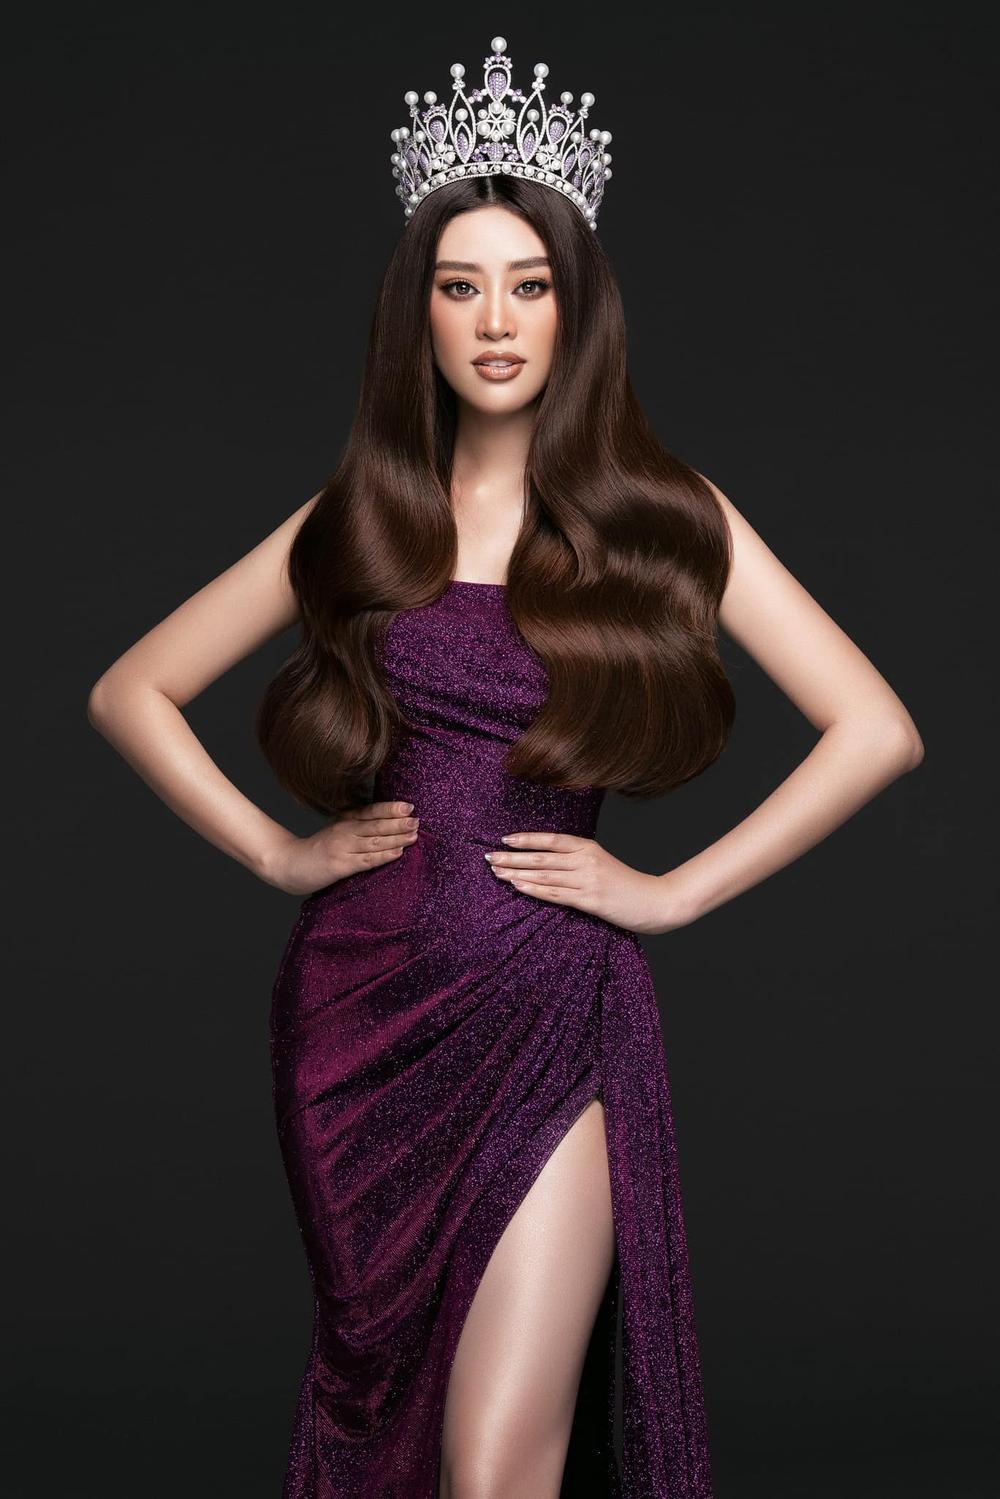 6 lí do khiến được fan trông chờ nhất tại Miss Universe 2020: Khánh Vân có đủ 'yêu thương' để intop Ảnh 5